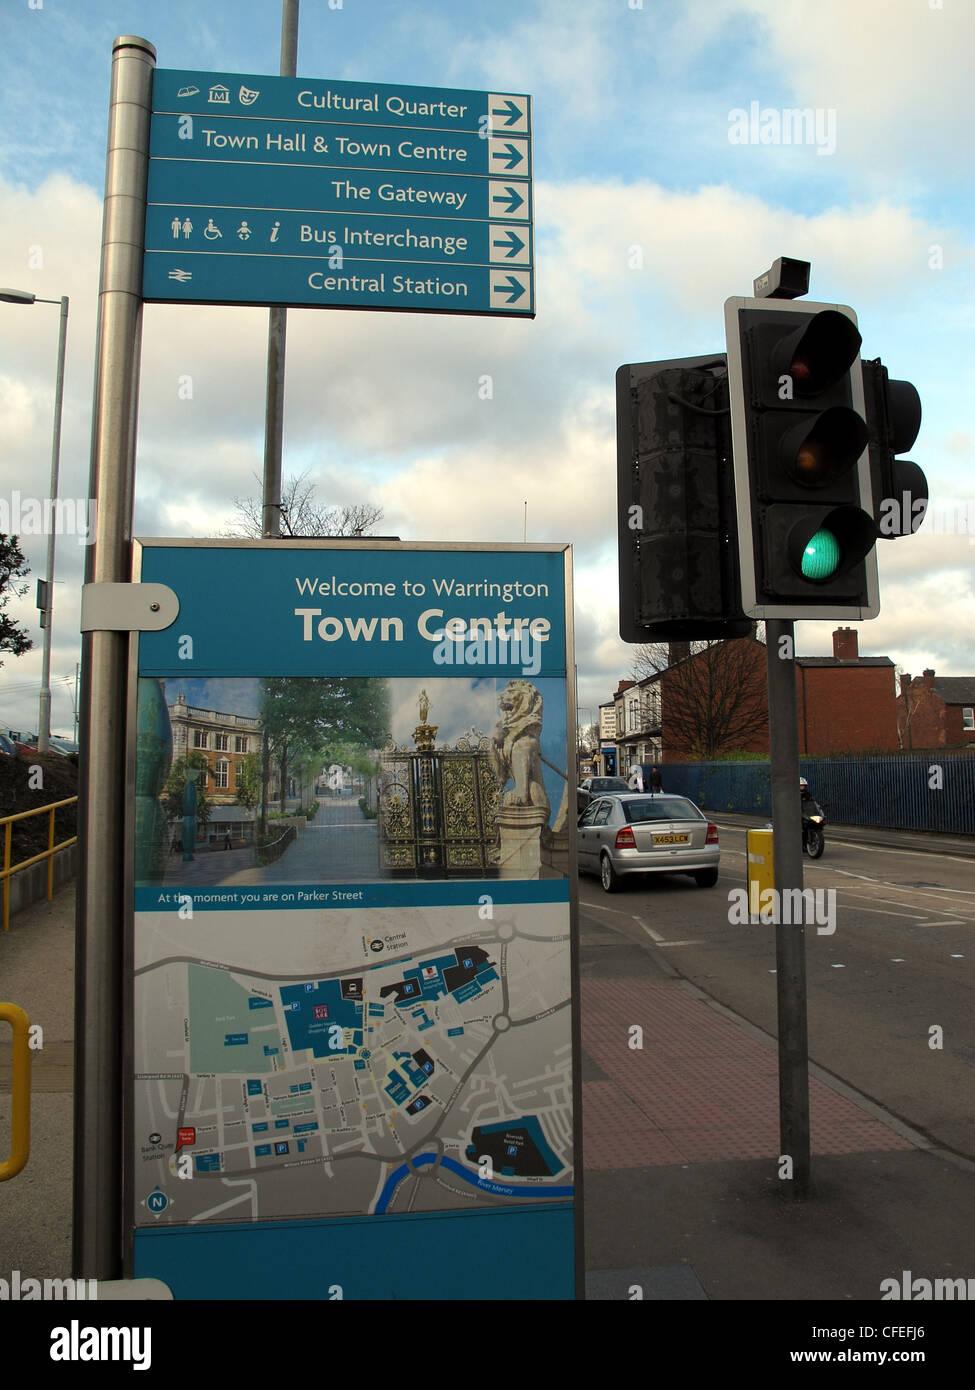 Laden Sie dieses Alamy Stockfoto Willkommen bei Warrington Stadtzentrum Schild Bank Quay mainline Railway Station, Cheshire, England, UK - CFEFJ6